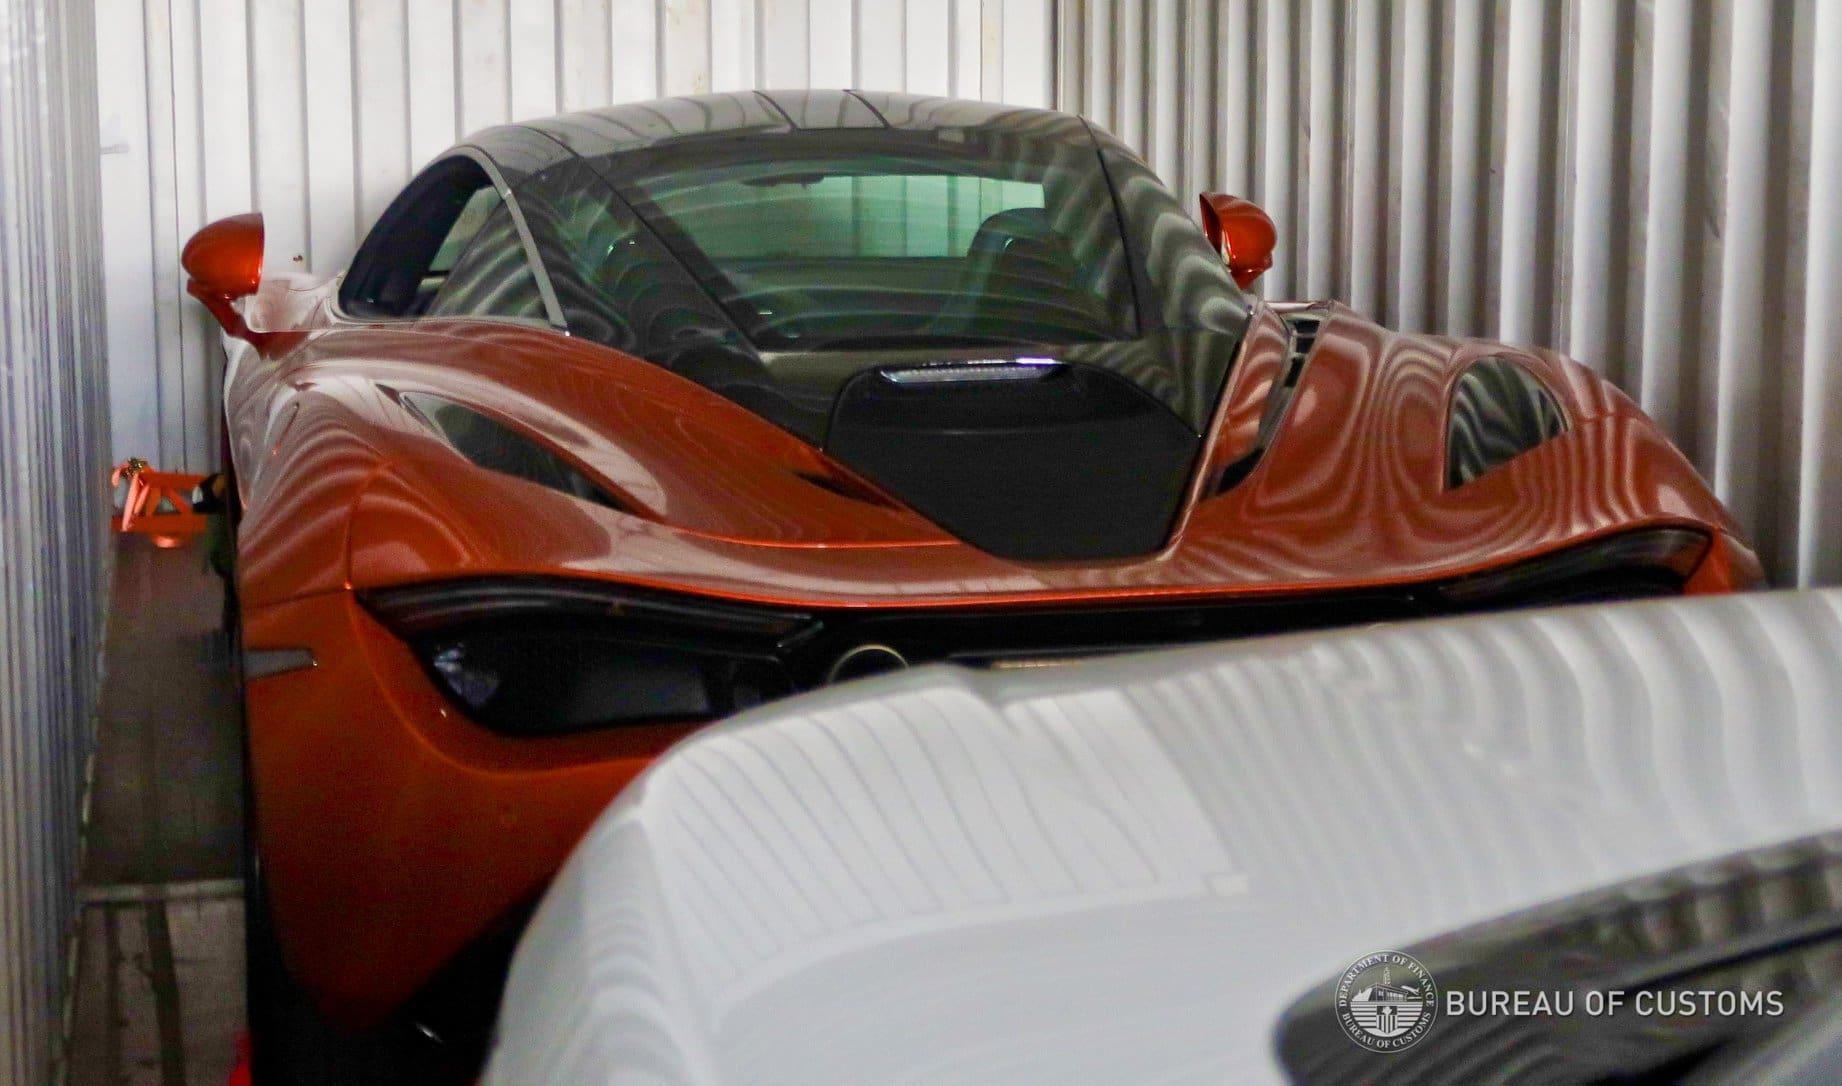 Bureau of Customs - McLaren 720S